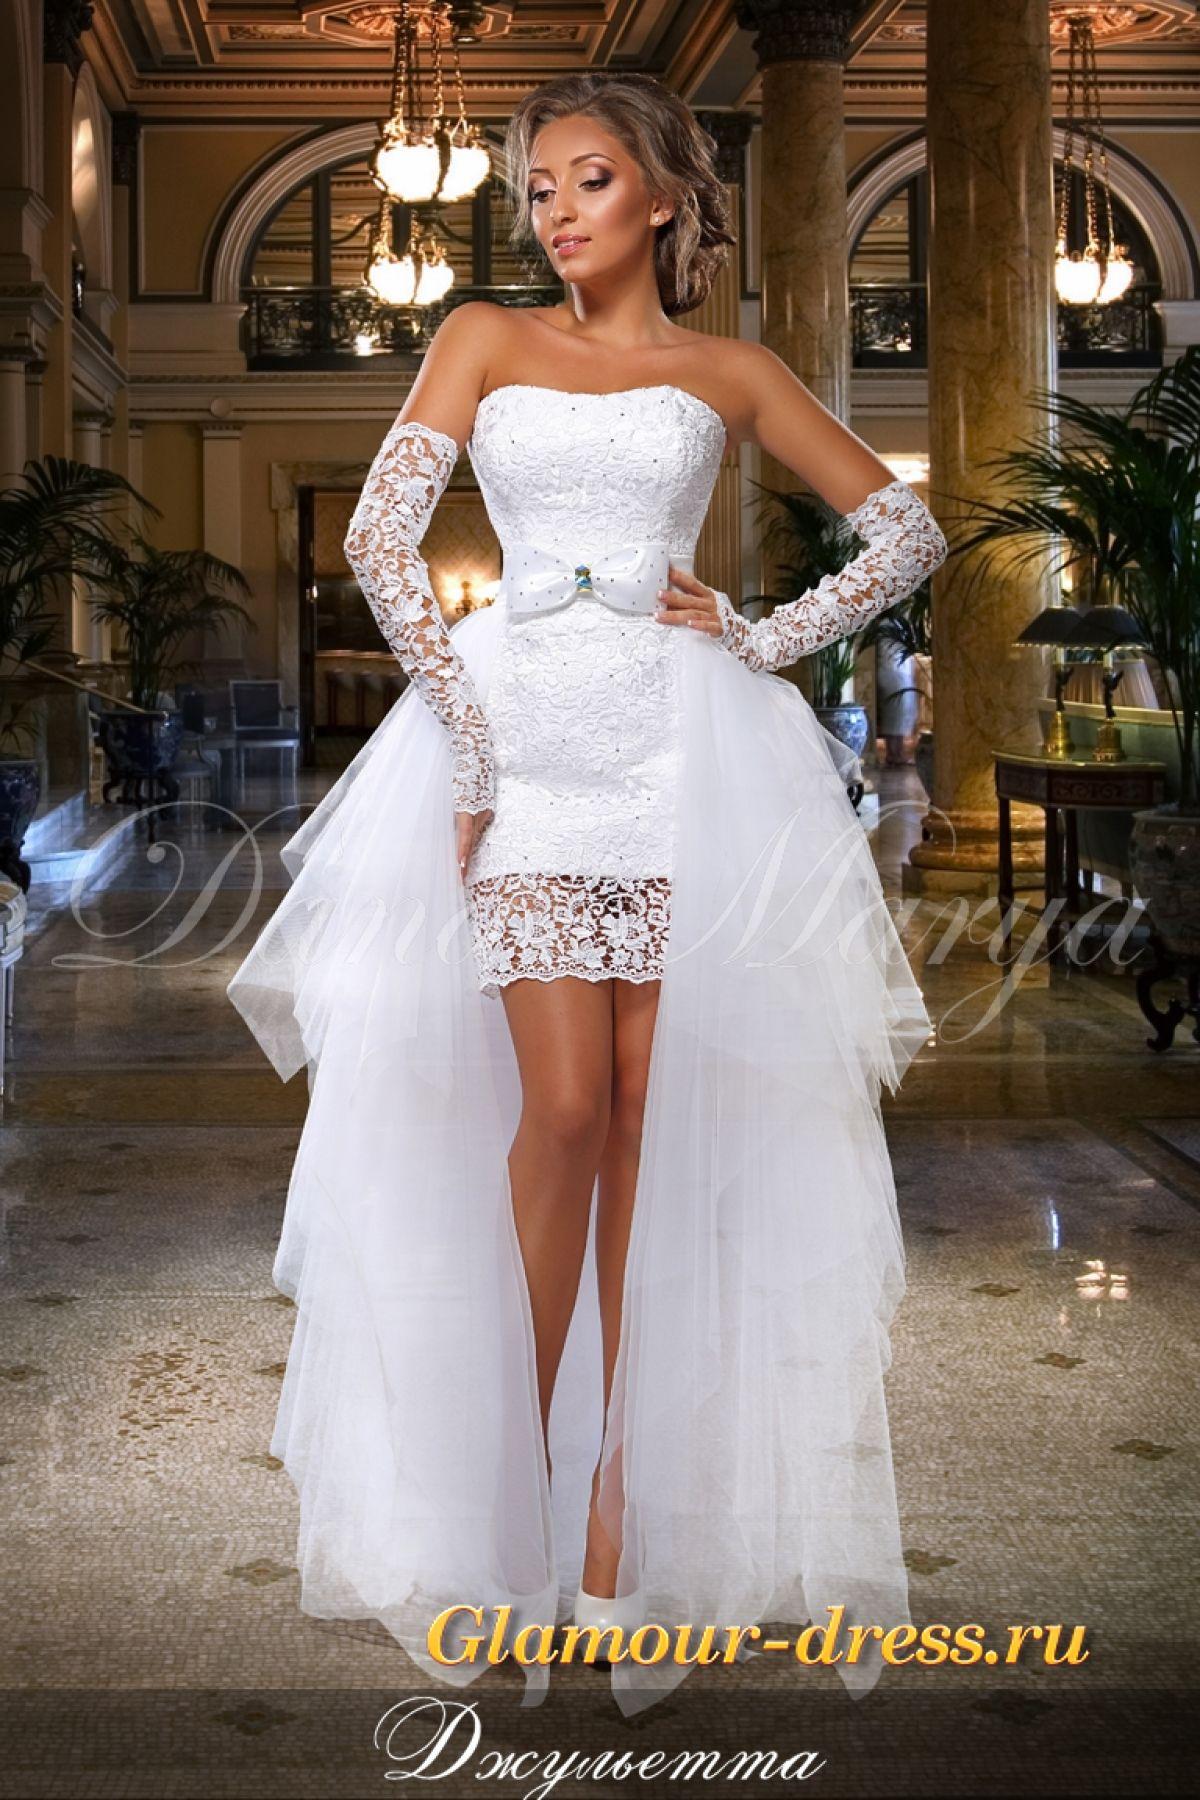 e3de4022618 Свадебное платье трансформер Джульетта спб